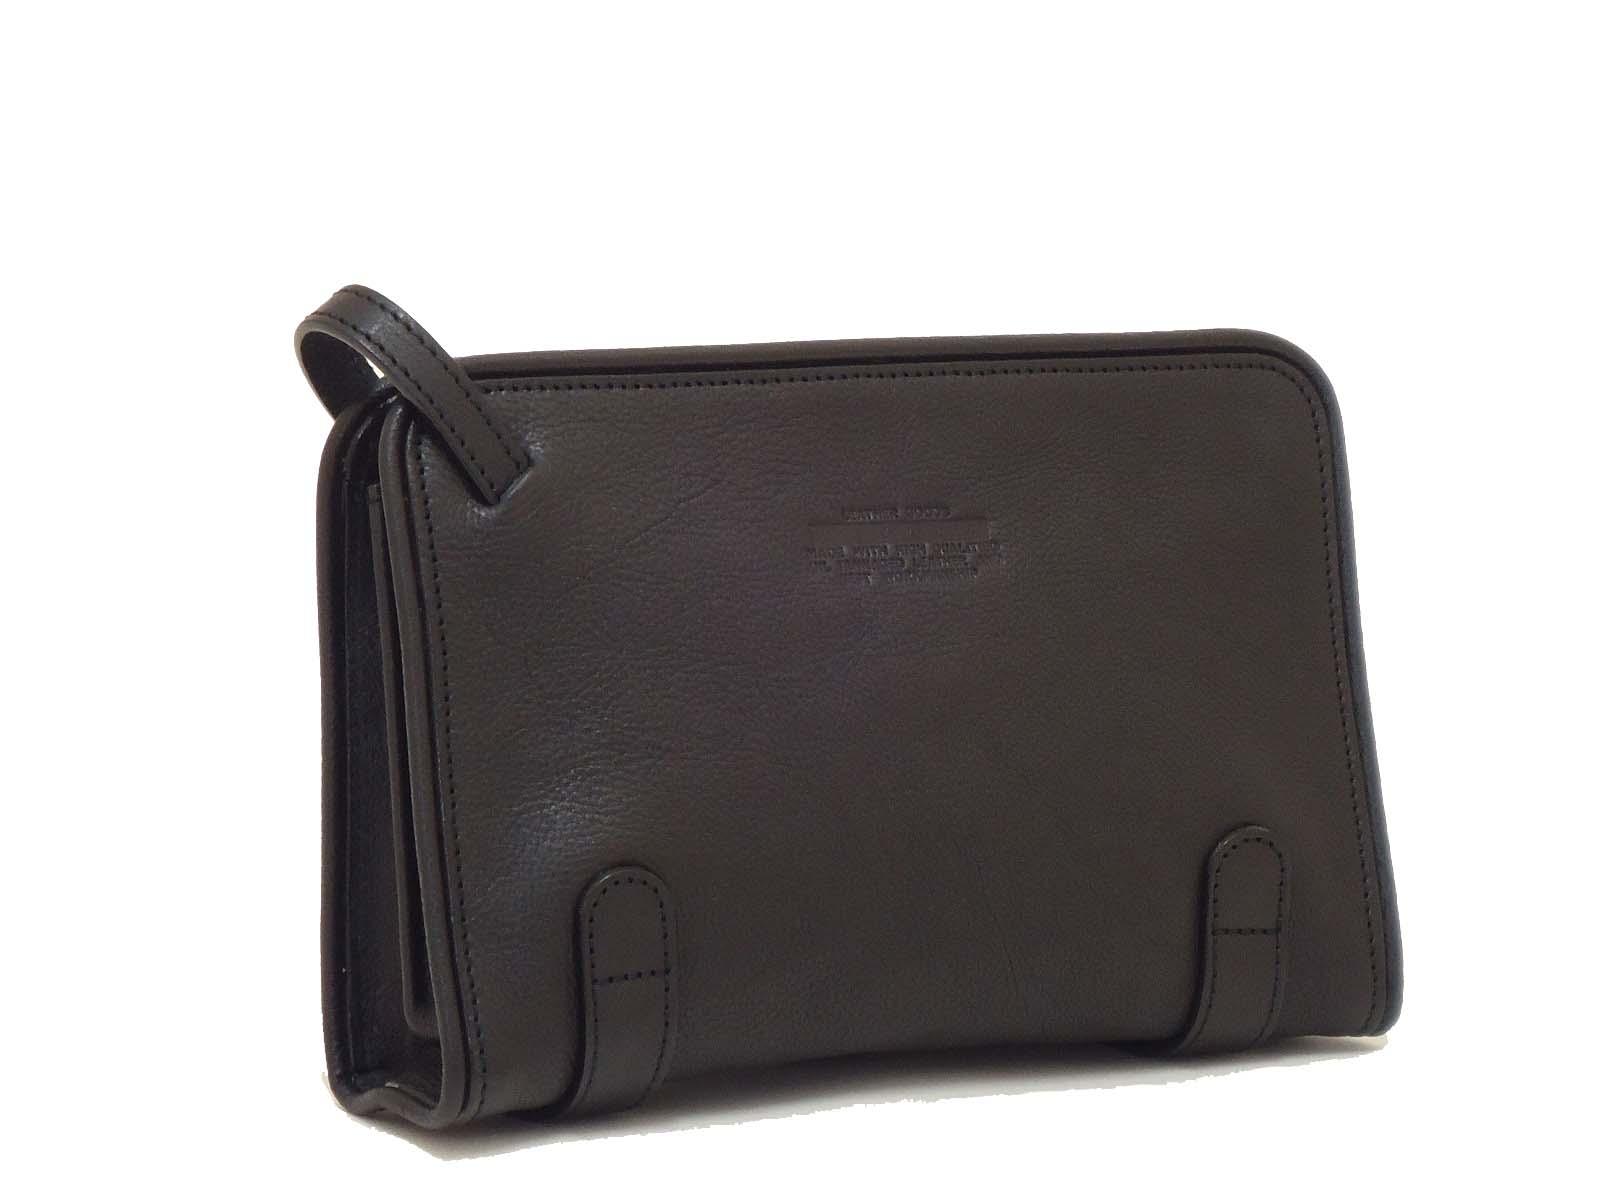 青木鞄 Lugard・NEVADA ラガード・ネバダ メンズ セカンドバッグ 4953 MADE IN JAPAN(日本製)